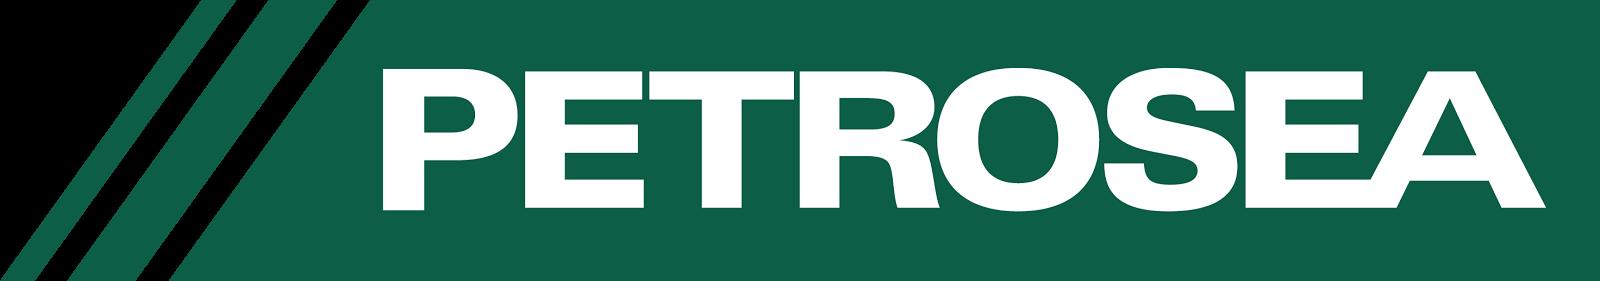 PT Petrosea Tbk.